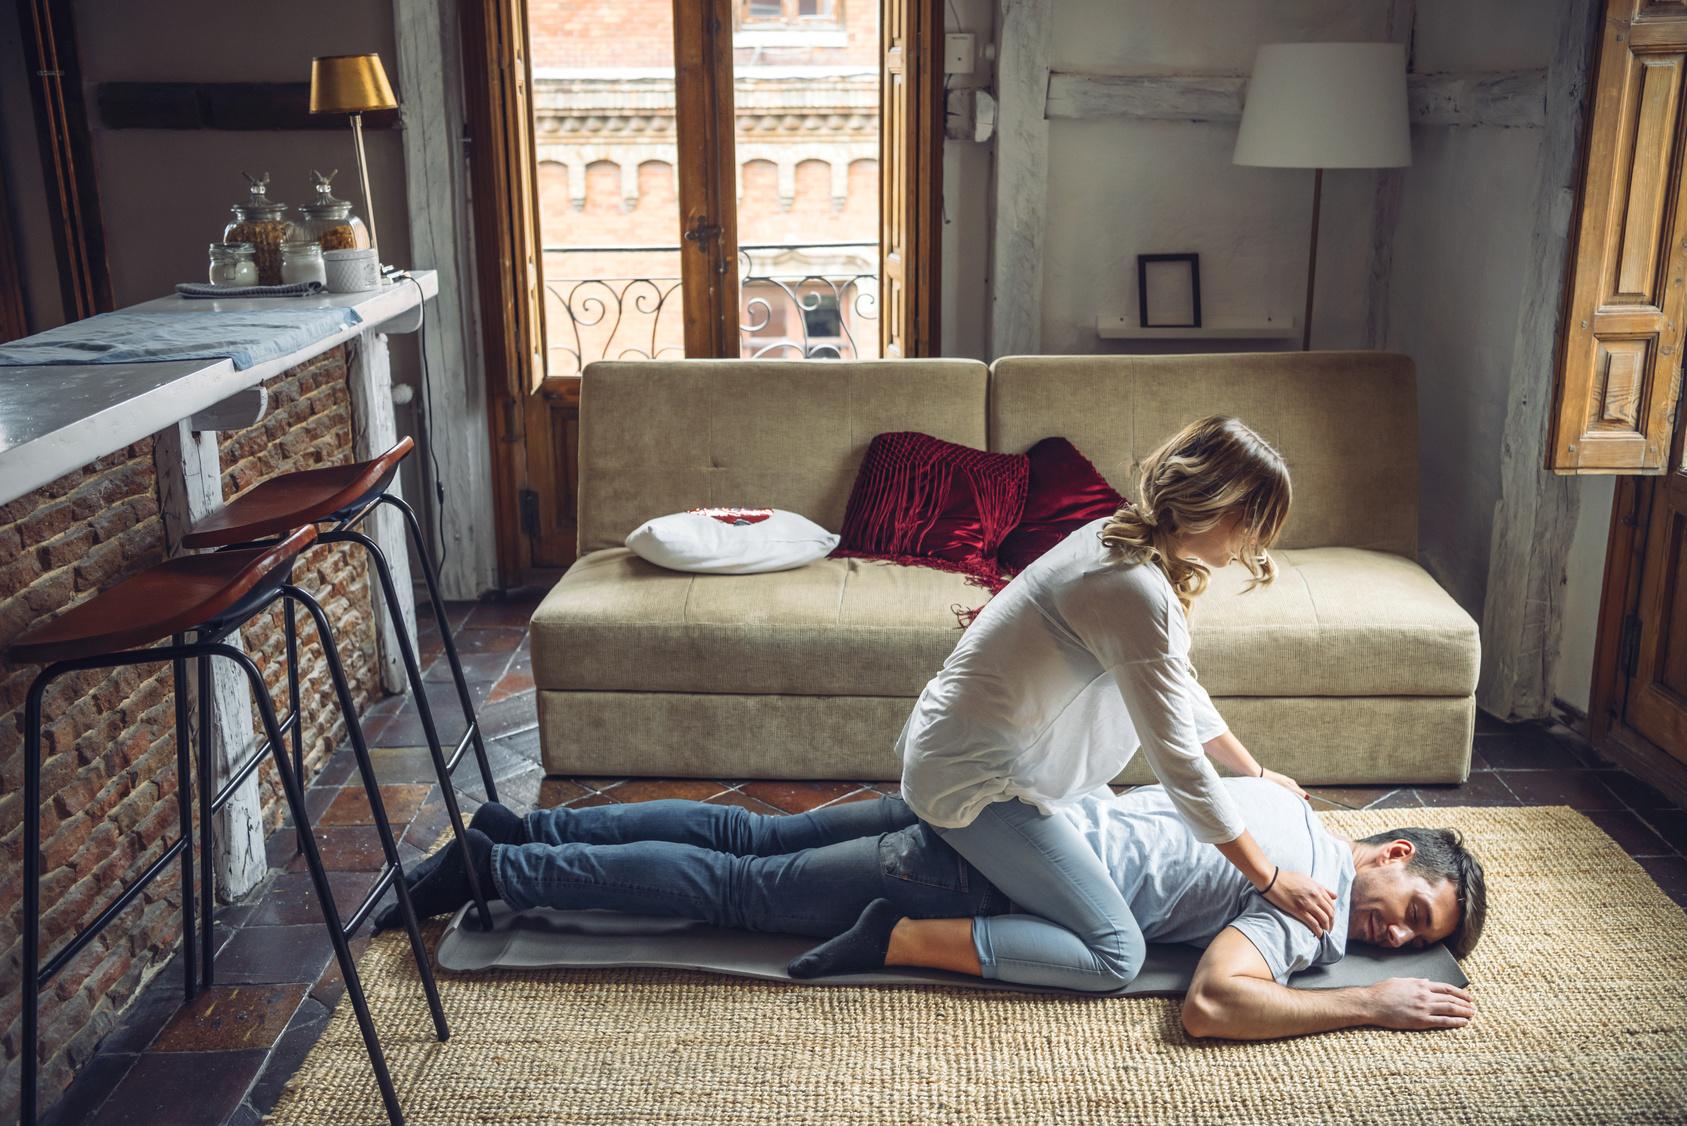 Żona masująca plecy męża leżącego na podłodze